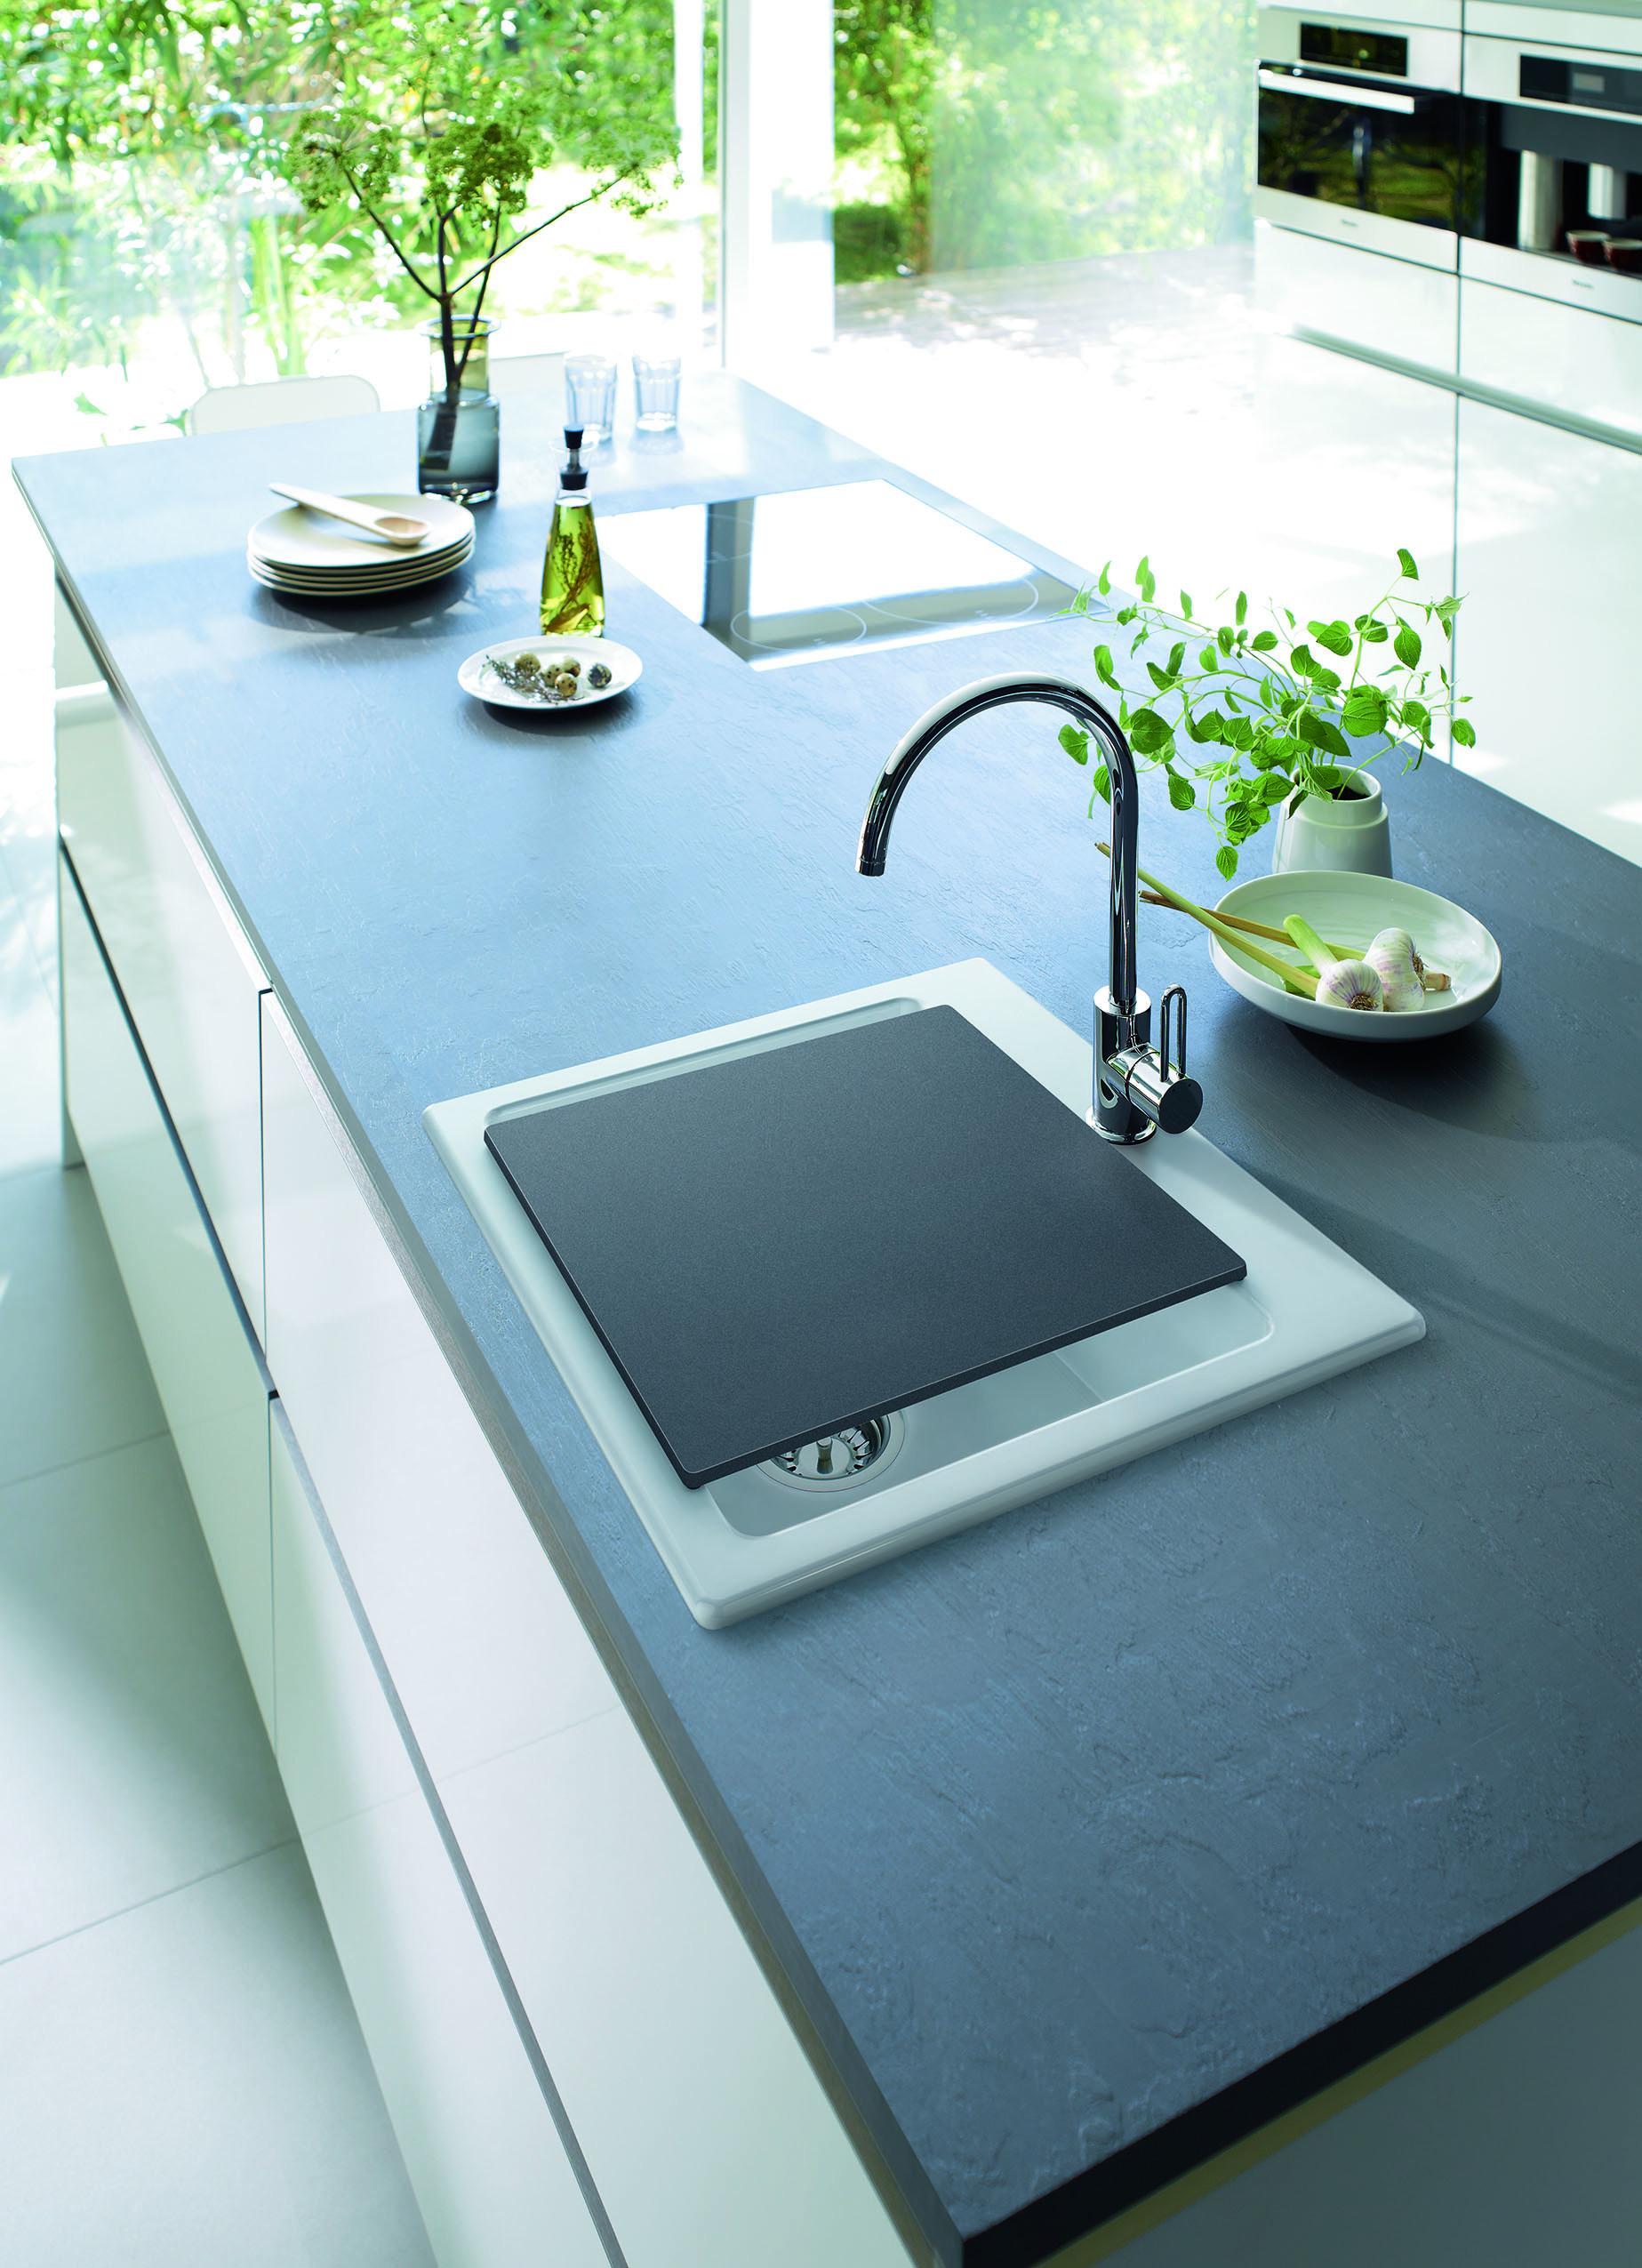 Küchenspüle Vero Duravit · Ratgeber Haus